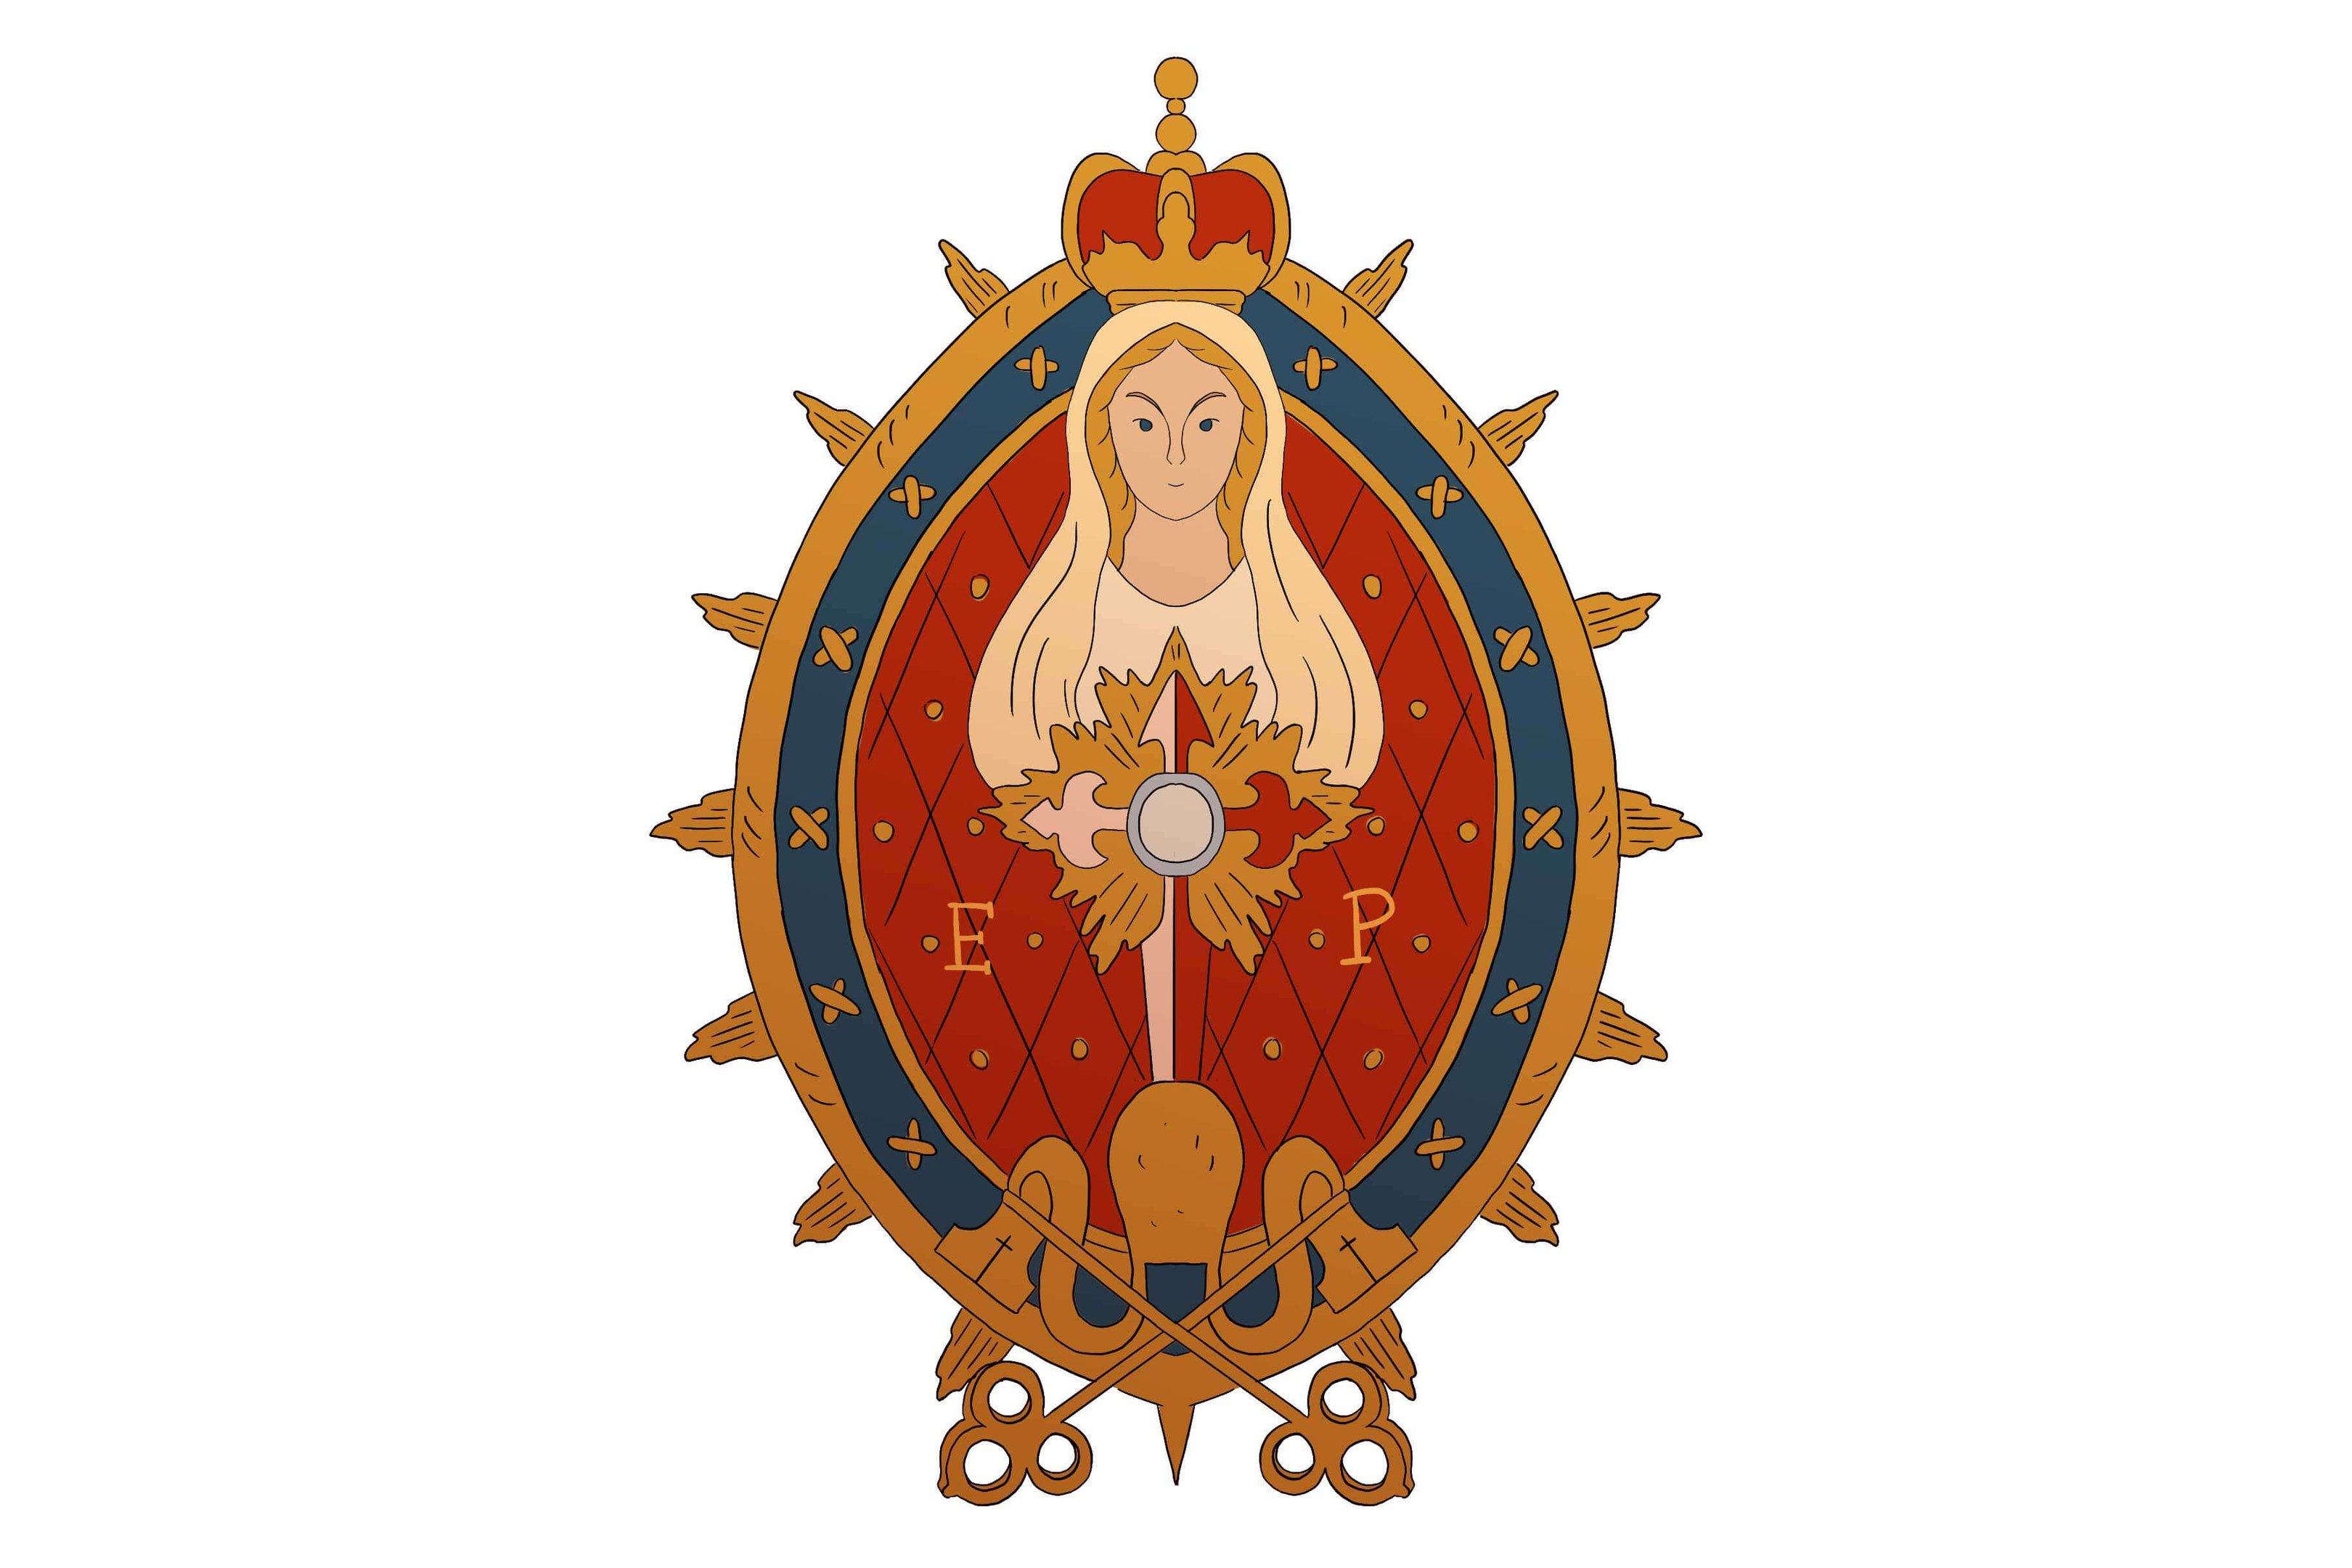 O distintivo de Maria deve ser colocado no peito, ao lado esquerdo do escapulário. A parte superior do medalhão estará à mesma altura da ponta da cruz